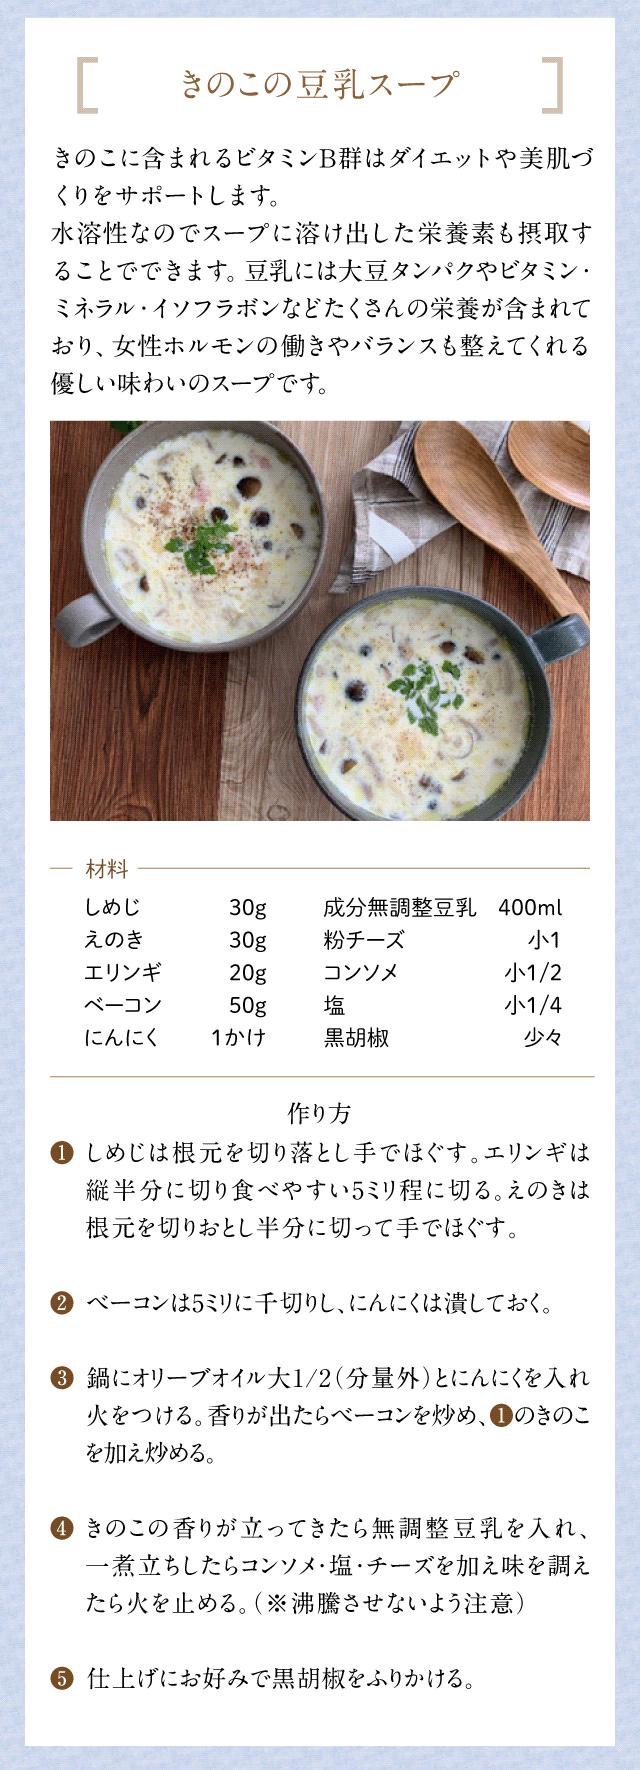 [きのこの豆乳スープ]きのこに含まれるビタミンB群はダイエットや美肌づくりをサポートします。水溶性なのでスープに溶け出した栄養素も摂取することができます。豆乳には大豆タンパクやビタミン・ミネラル・イソフラボンなどたくさんの栄養が含まれており、女性ホルモンの働きやバランスも整えてくれる優しい味わいのスープです。材料 しめじ30g えのき30g エリンギ20g ベーコン50g にんにく1かけ 成分無調整豆乳400ml 粉チーズ小1 コンソメ小1/2 塩 小1/4 黒胡椒 少々  作り方 1.しめじは根元を切り落とし手でほぐす。エリンギは縦半分に切り食べやすい5ミリ程に切る。 えのきは根元を切りおとし半分に切って手でほぐす。 2.ベーコンは5ミリに千切りし、にんにくは潰しておく。 3.鍋にオリーブオイル大1/2(分量外)とにんにくを入れ火をつける。 香りが出たらベーコンを炒め、1のきのこを加え炒める。 4.きのこの香りが立ってきたら無調整豆乳を入れ、一煮立ちしたらコンソメ・塩・チーズを加え味を調えたら火を止める。沸騰させないよう注意。 5.仕上げにお好みで黒胡椒をふりかけます。